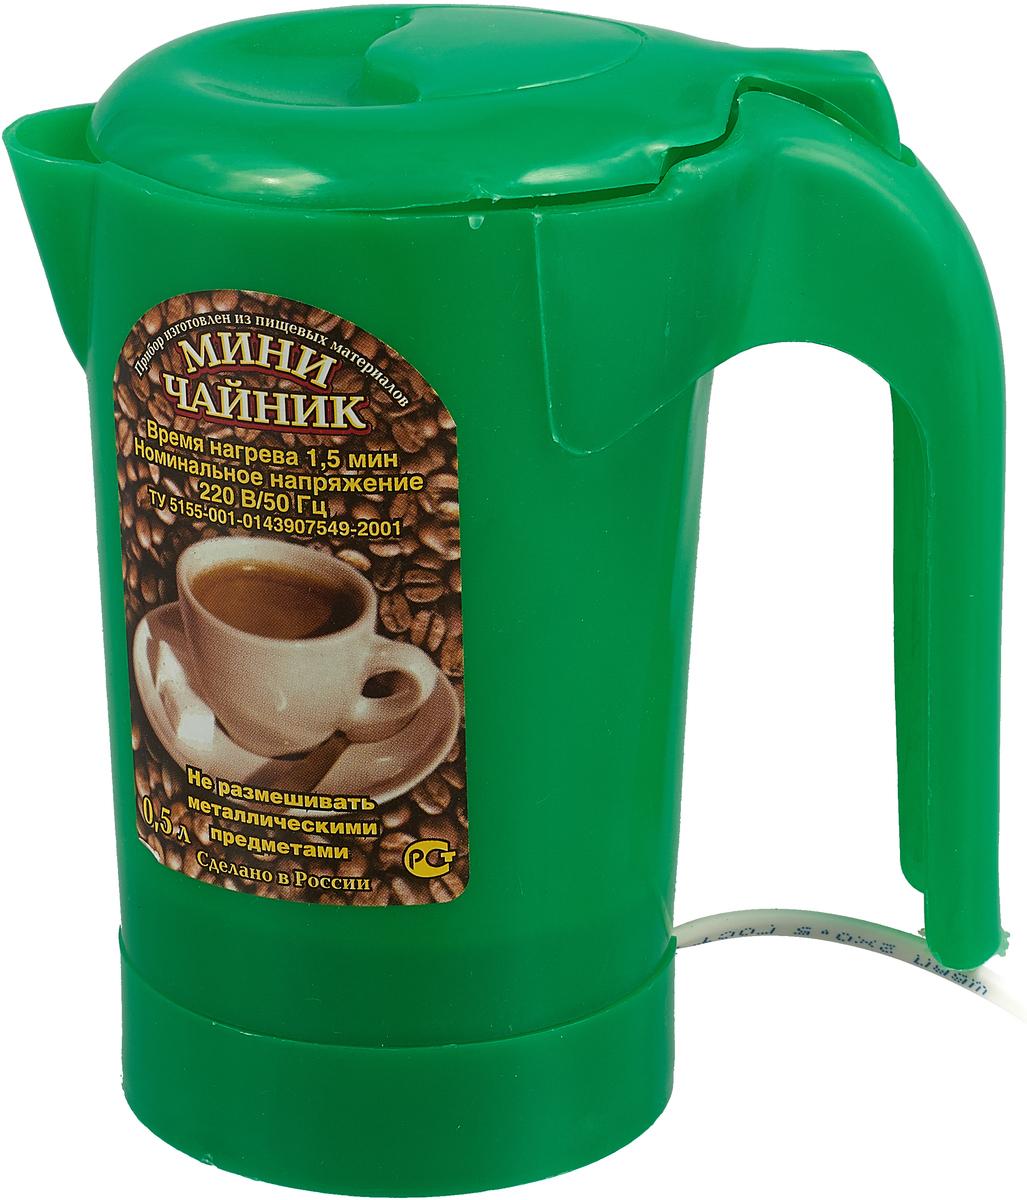 Электрический чайник Zimber ZM-1235, цвет: светло-зеленый утюг zimber zm 10810 2000вт зеленый